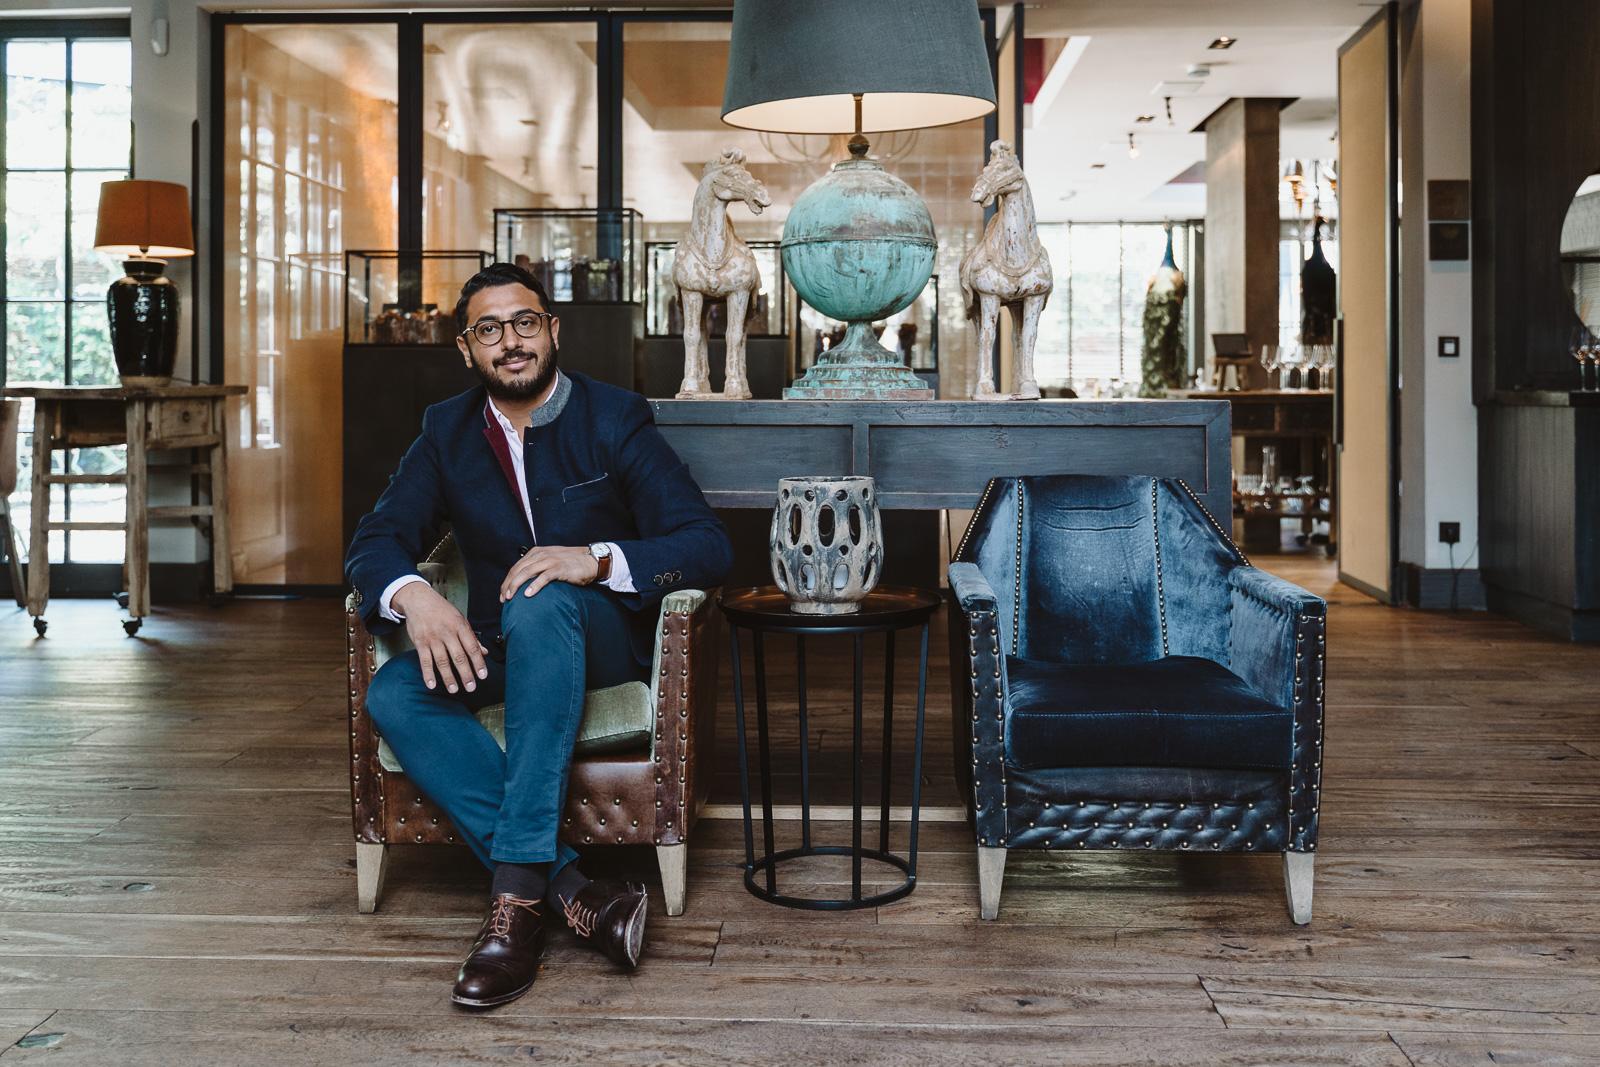 Businessportrait - Geschäftsführer sitzt im Sessel - Oskar in der Remise